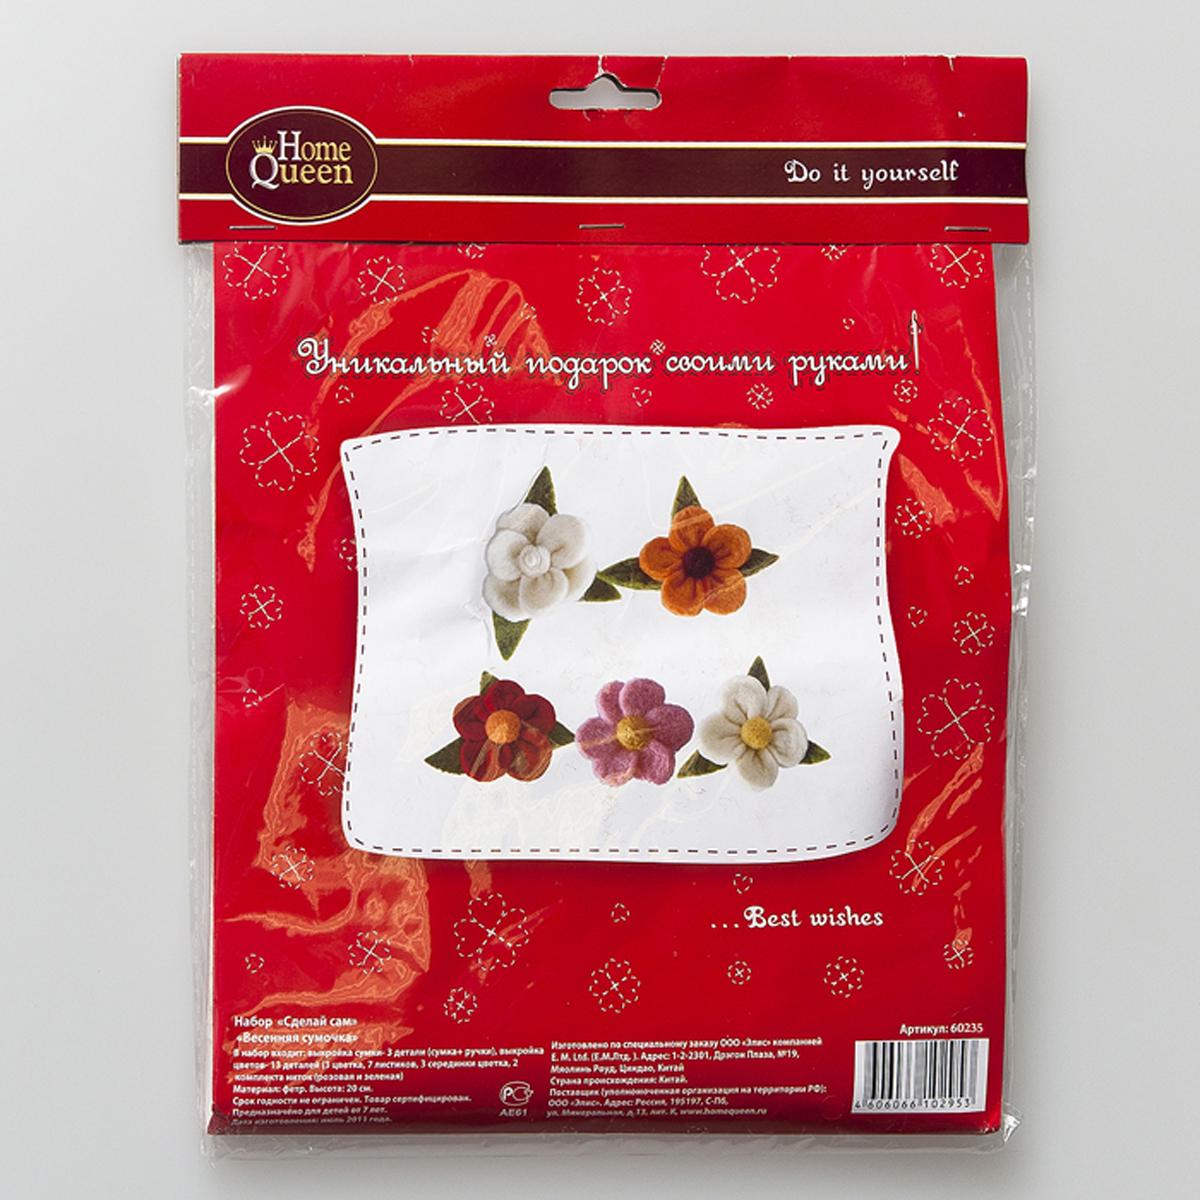 Набор Home Queen Цветы, 5 шт книги эксмо наследница порочного графа